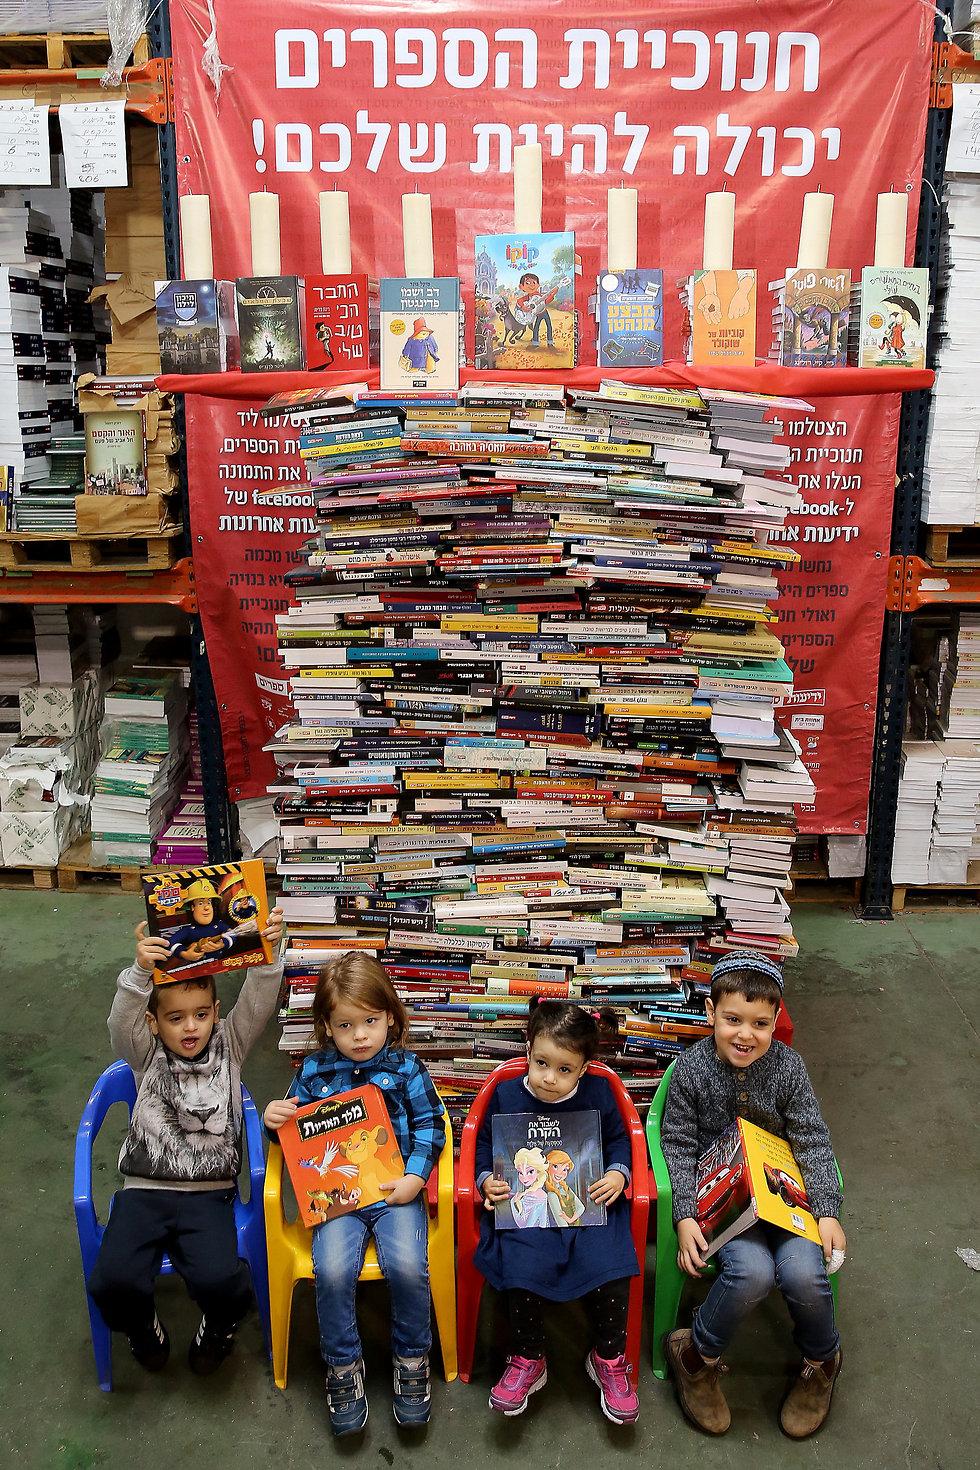 איתן, בר, נעם וראם כבר בחרו ספר כדמי החנוכה שלהם (צילום: איציק בירן) (צילום: איציק בירן)